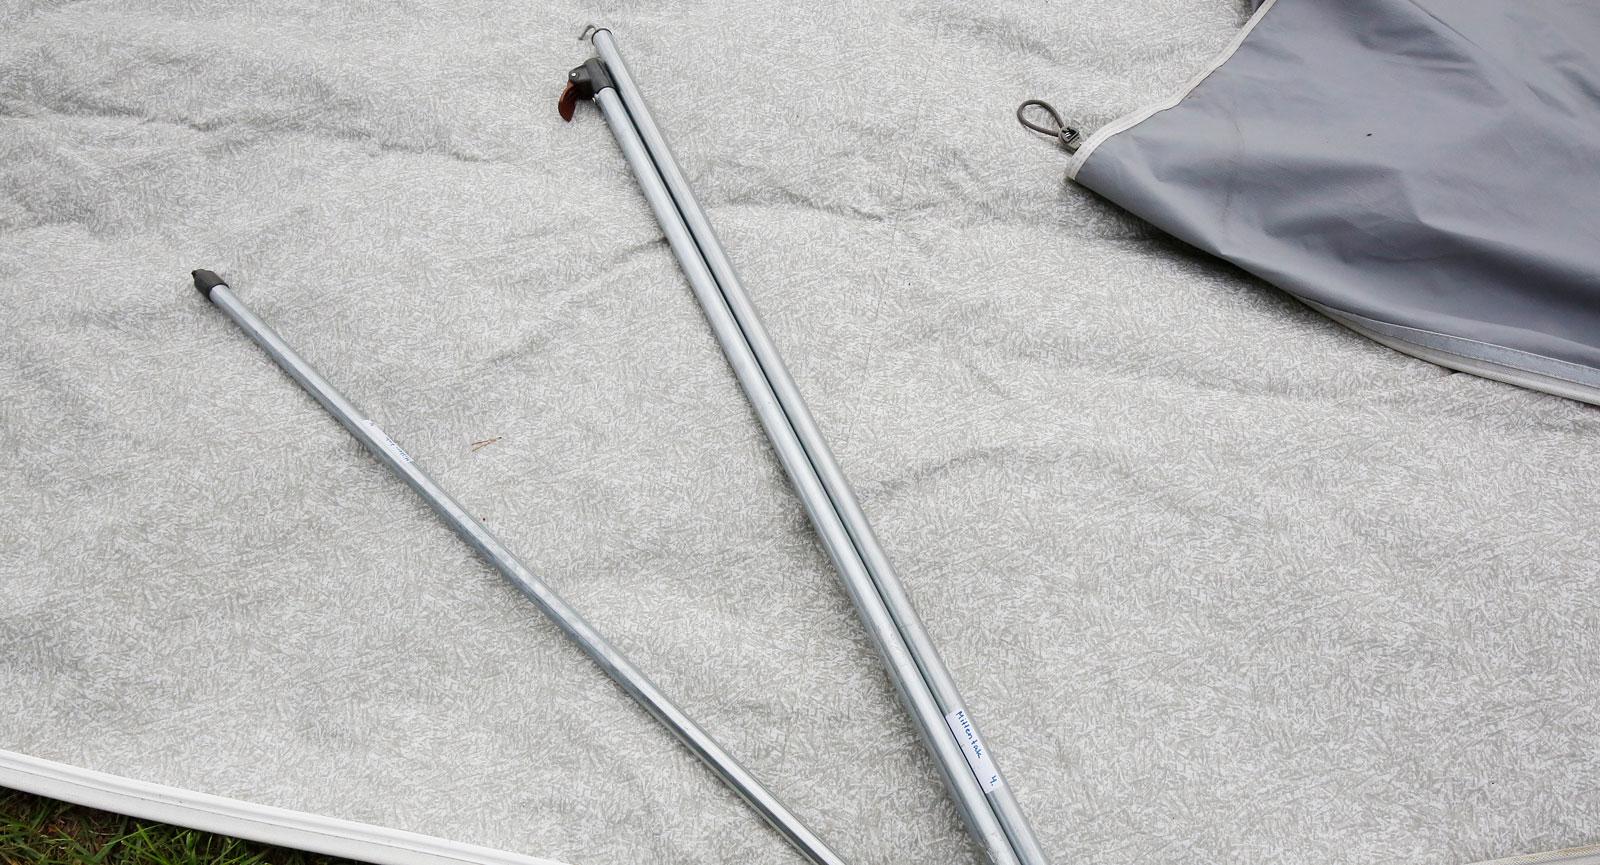 Plocka isär pinnarna. Det spar plats samt minskar risken för korrosion.